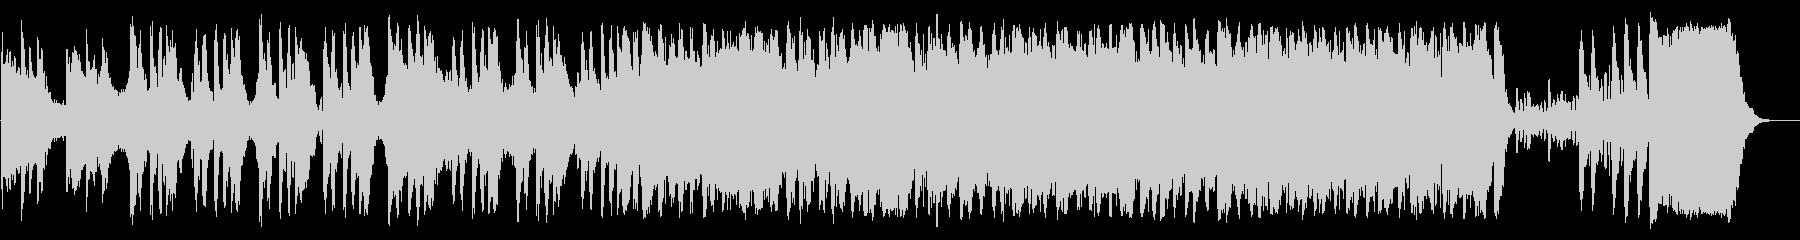 ゲームのオープニングに合うオーケストラの未再生の波形